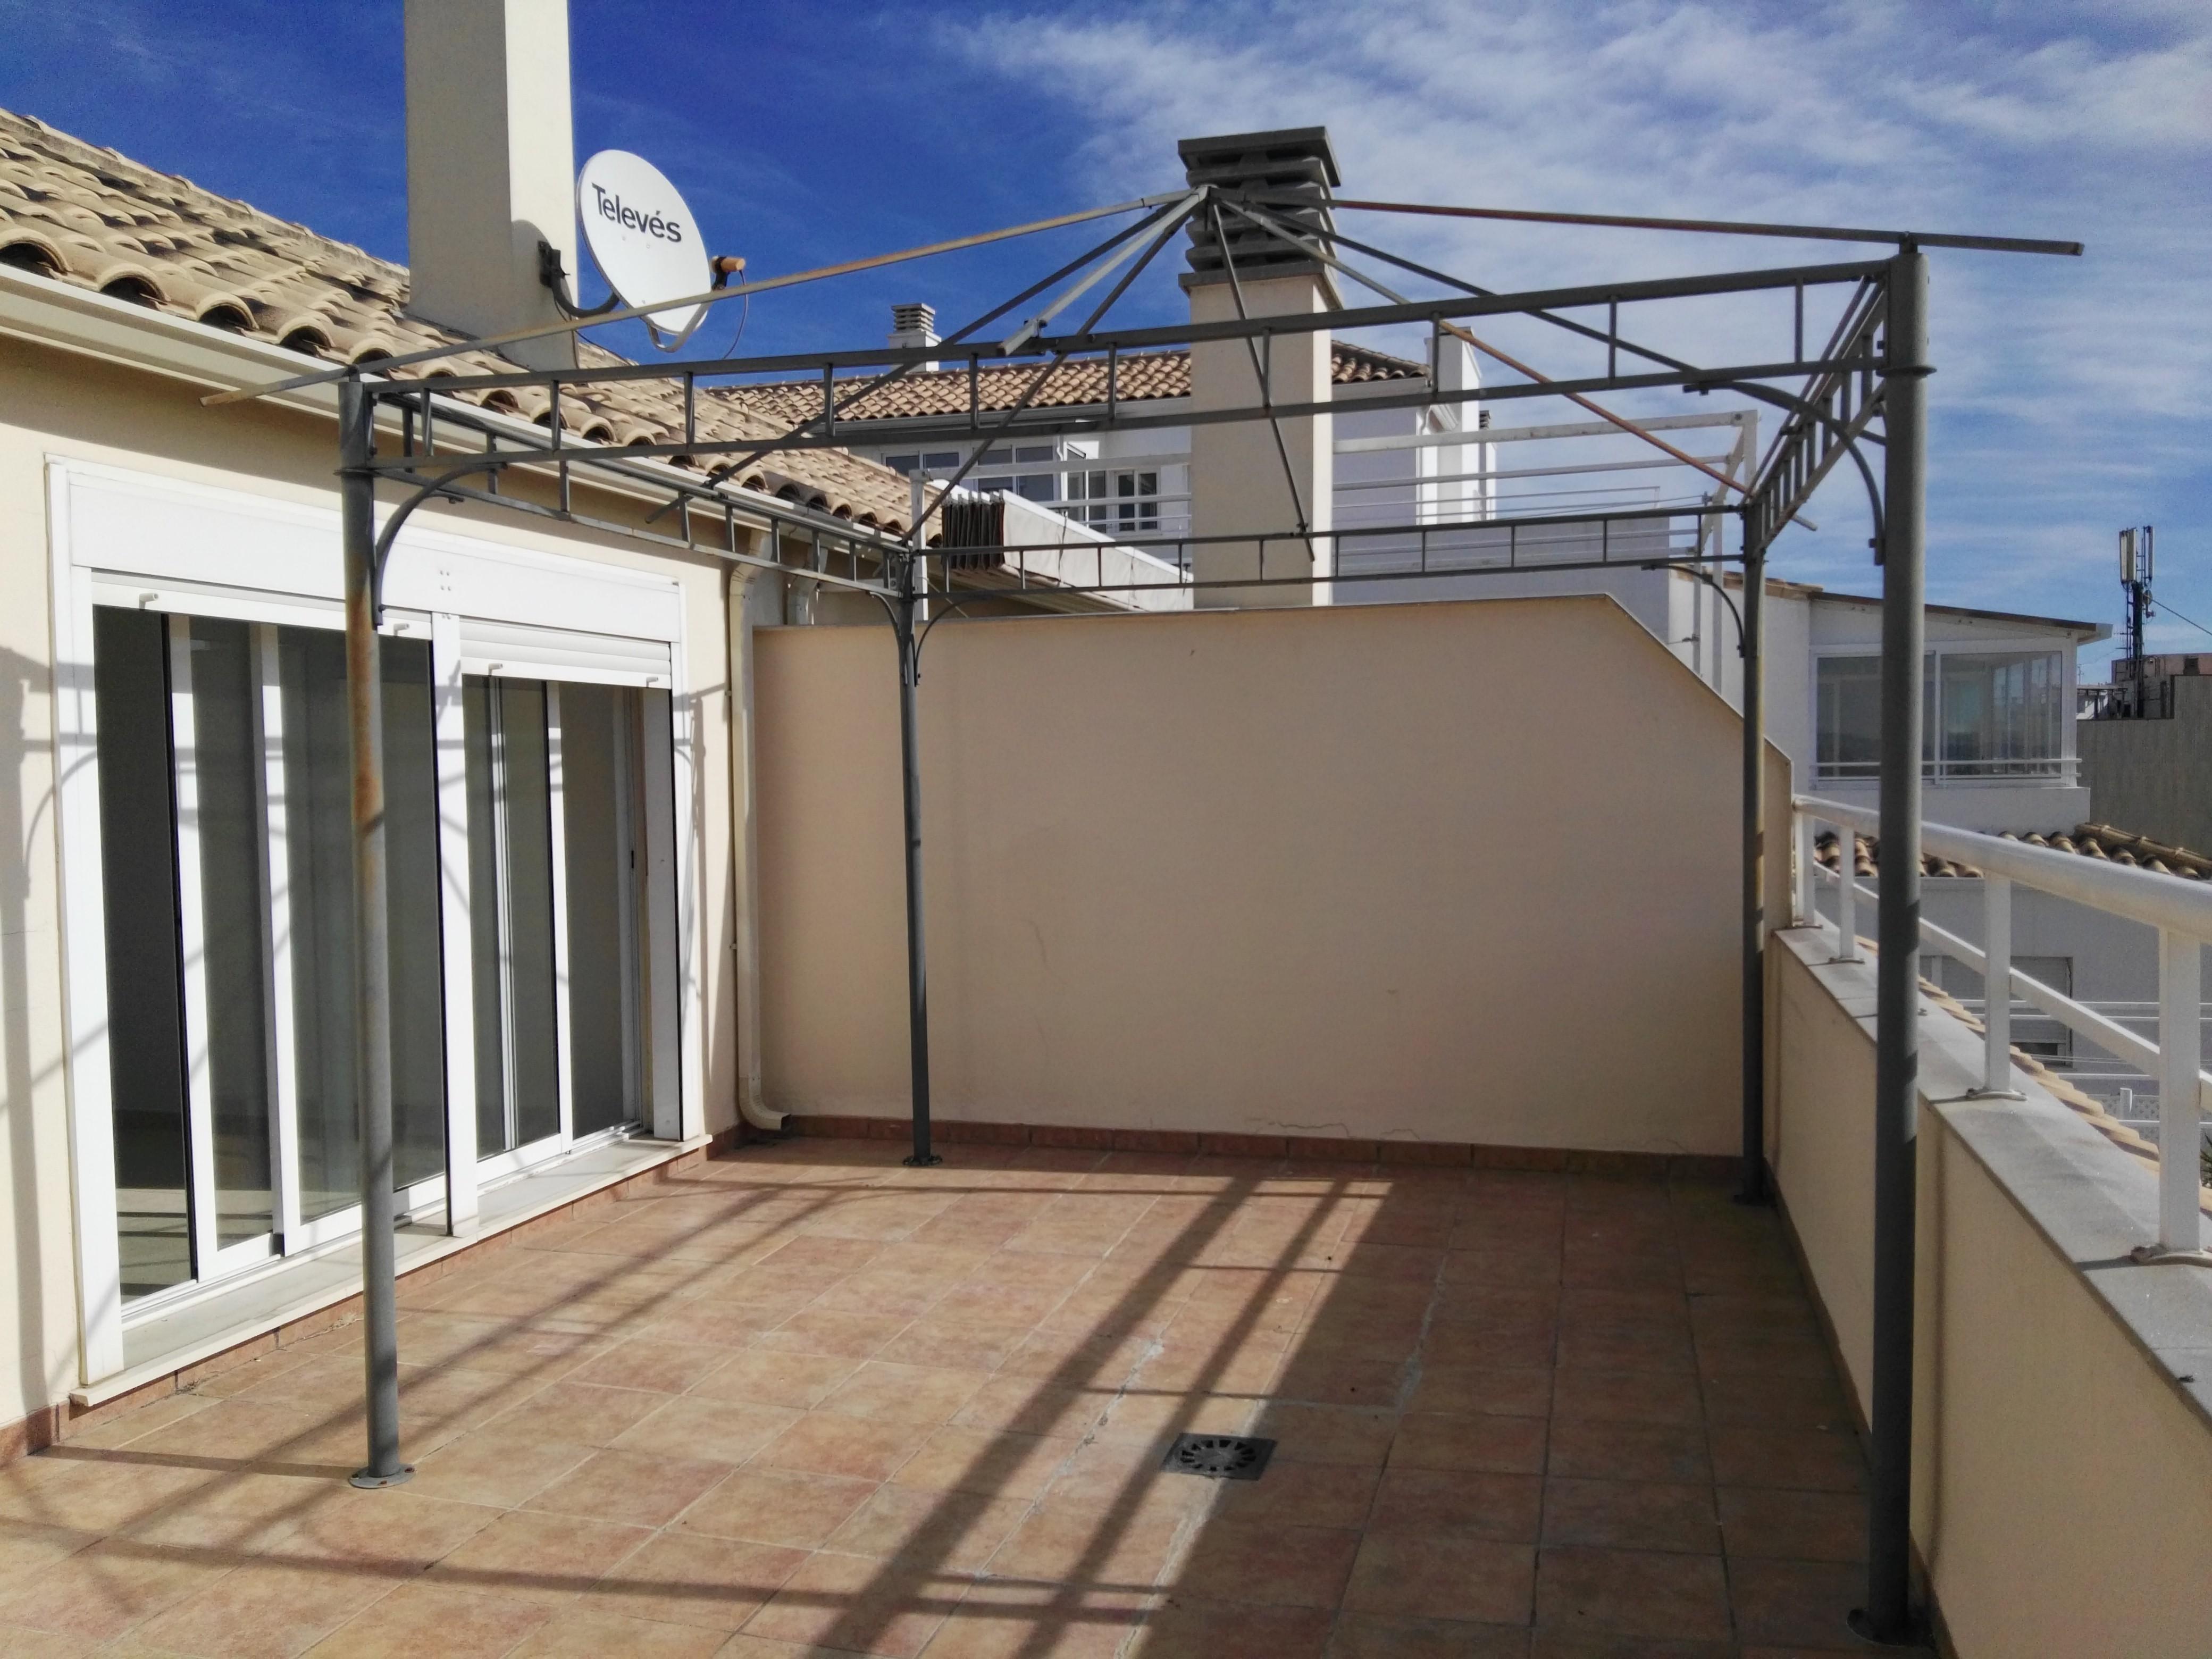 Piso en venta en Almazora/almassora, Castellón, Calle de la Batalla de Bailen, 92.000 €, 3 habitaciones, 2 baños, 111 m2